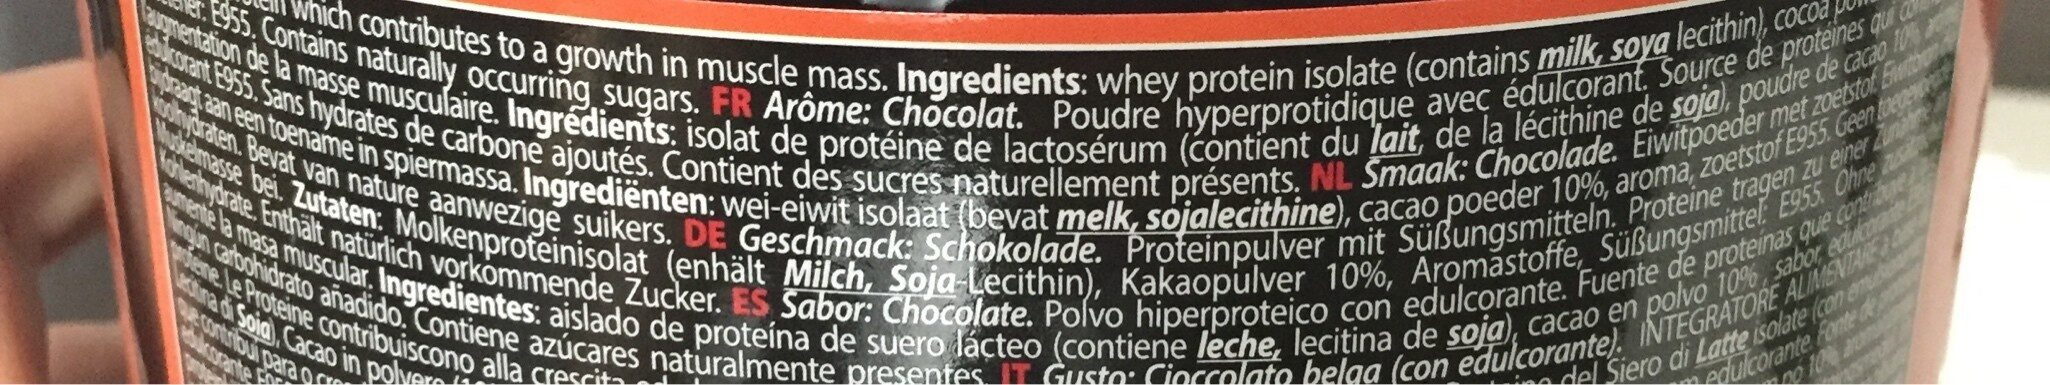 metapure - Ingrediënten - fr